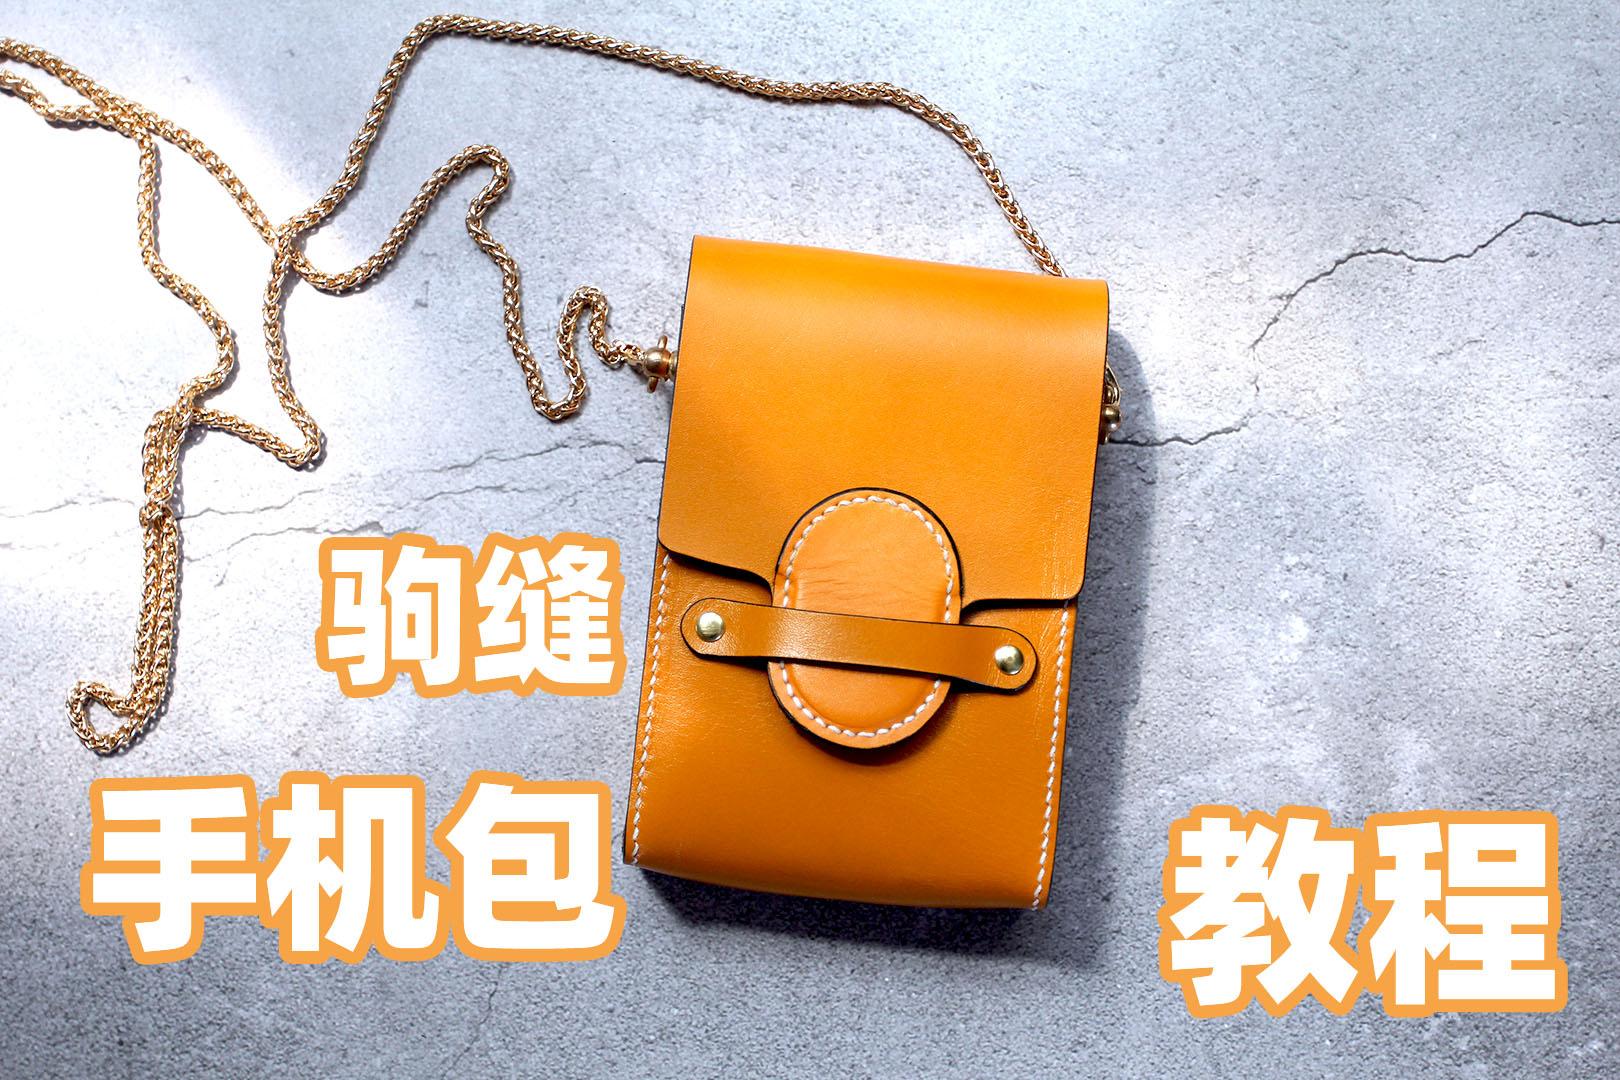 皮匠老王的手工课53期驹缝手机包原创设计mini斜挎包转角偷针教程